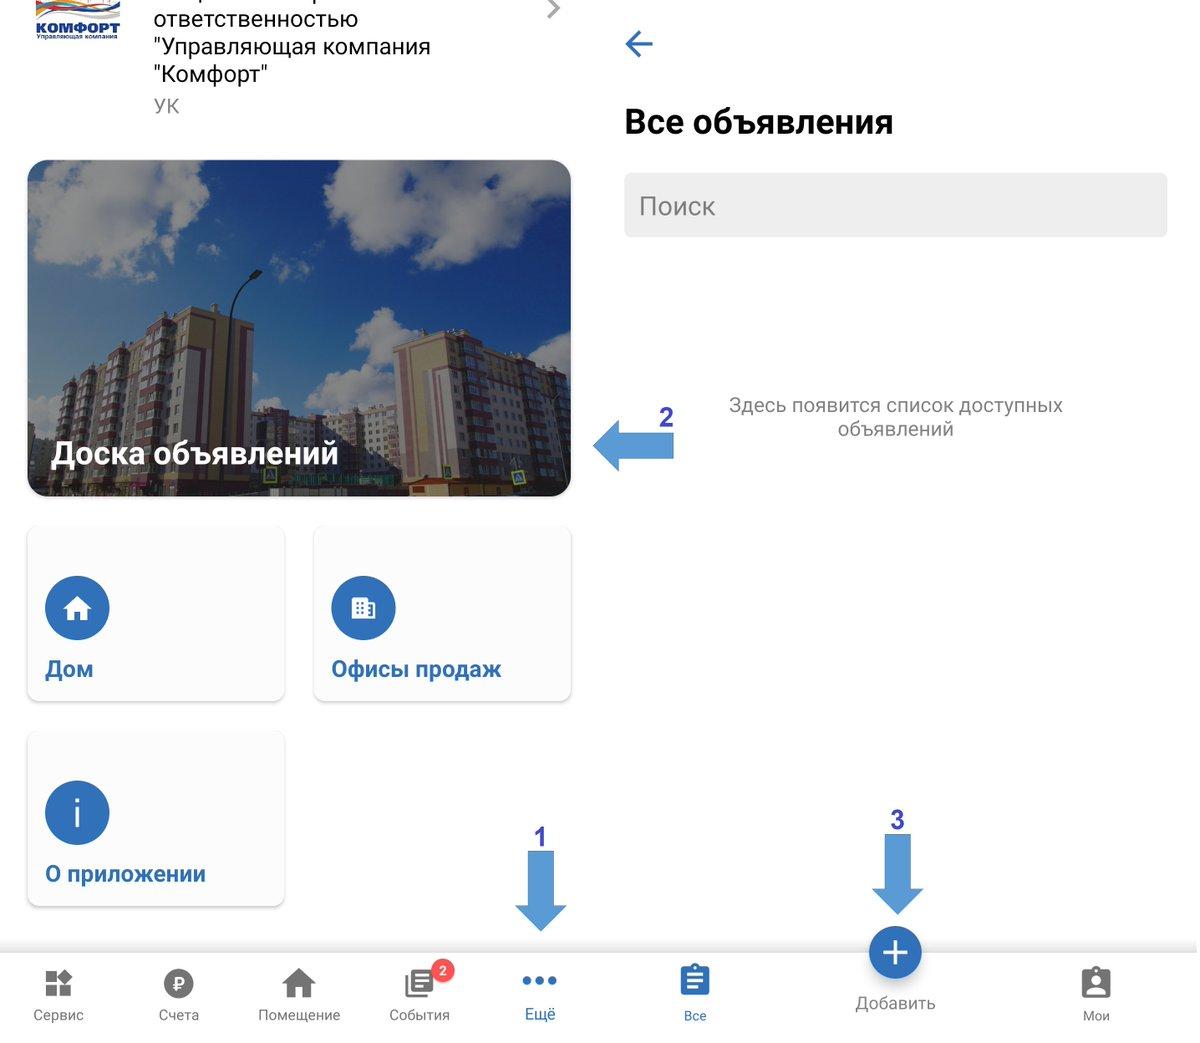 Трехгорный комфорт управляющая компания официальный сайт создание сайтов и продвижение москва